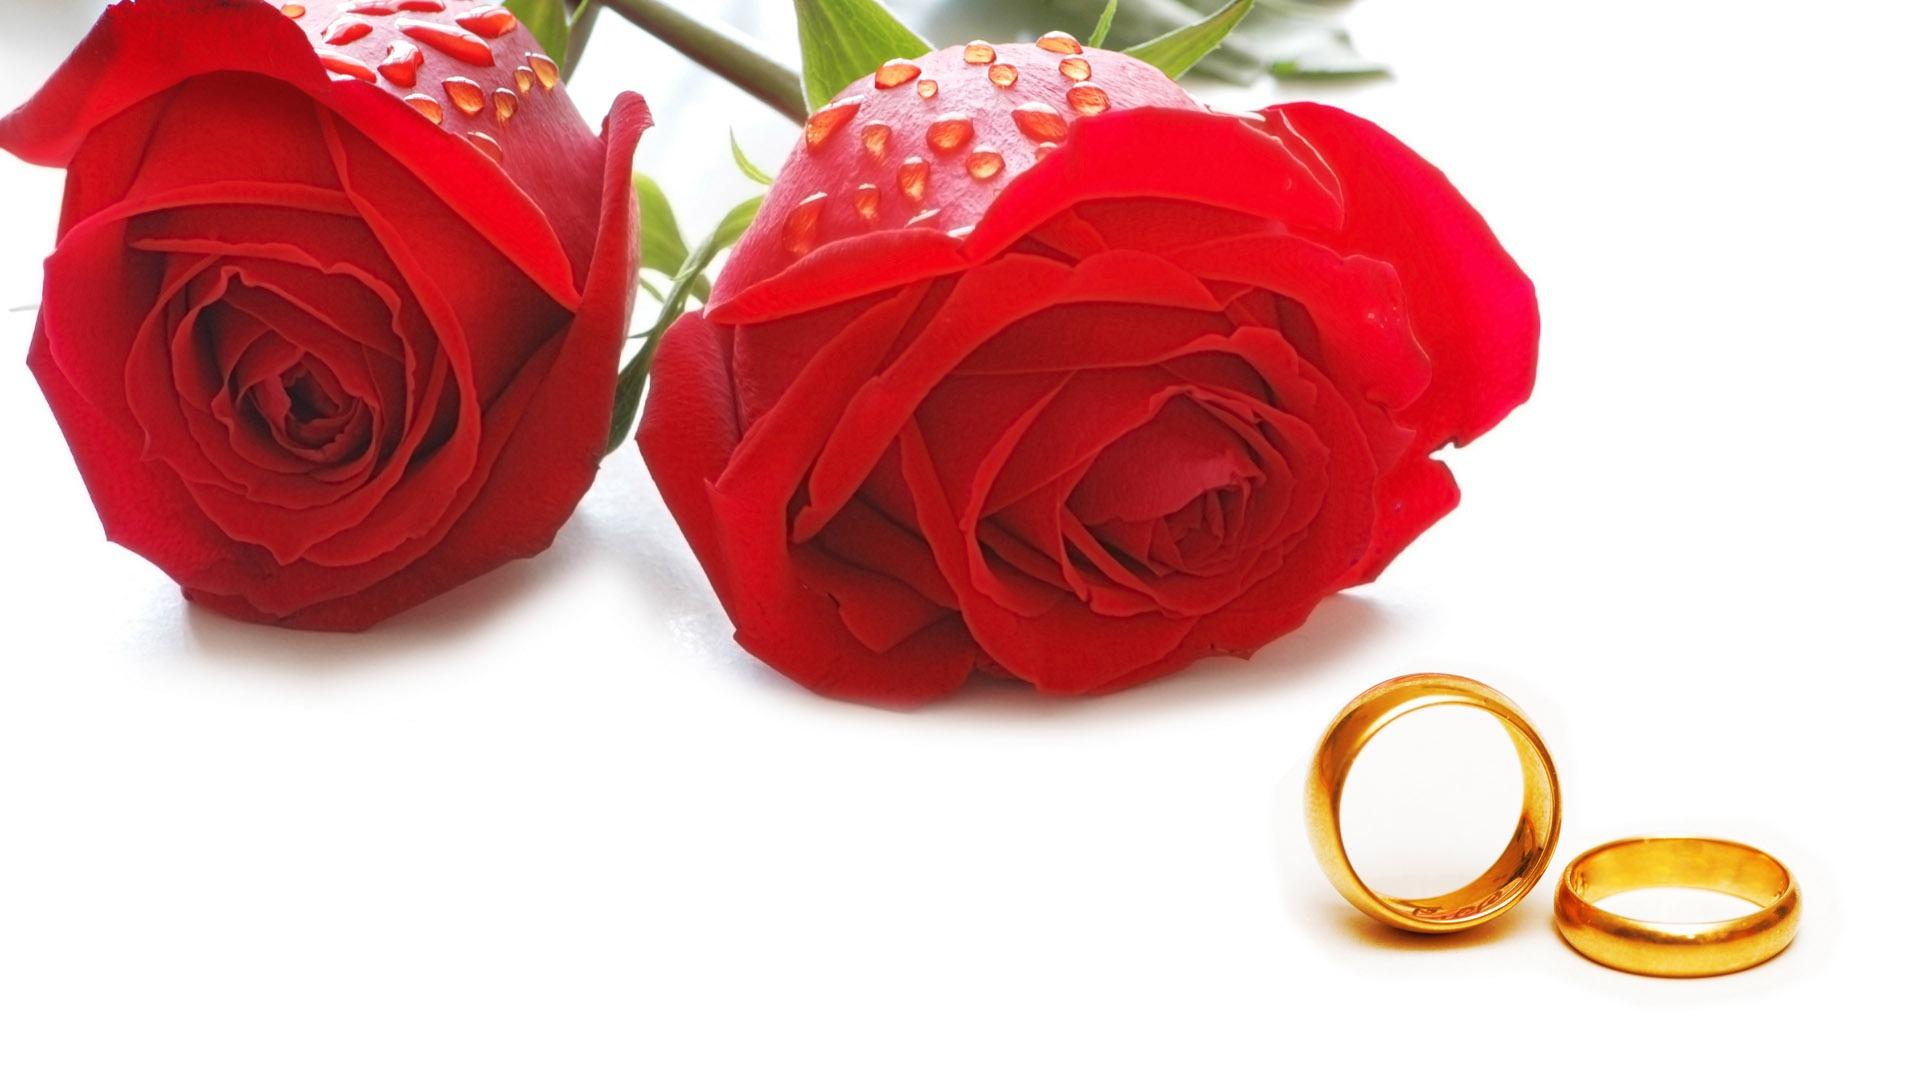 mariage et papier peint anneau de mariage 1 12 1920x1080 fond d 39 cran t l charger mariage. Black Bedroom Furniture Sets. Home Design Ideas